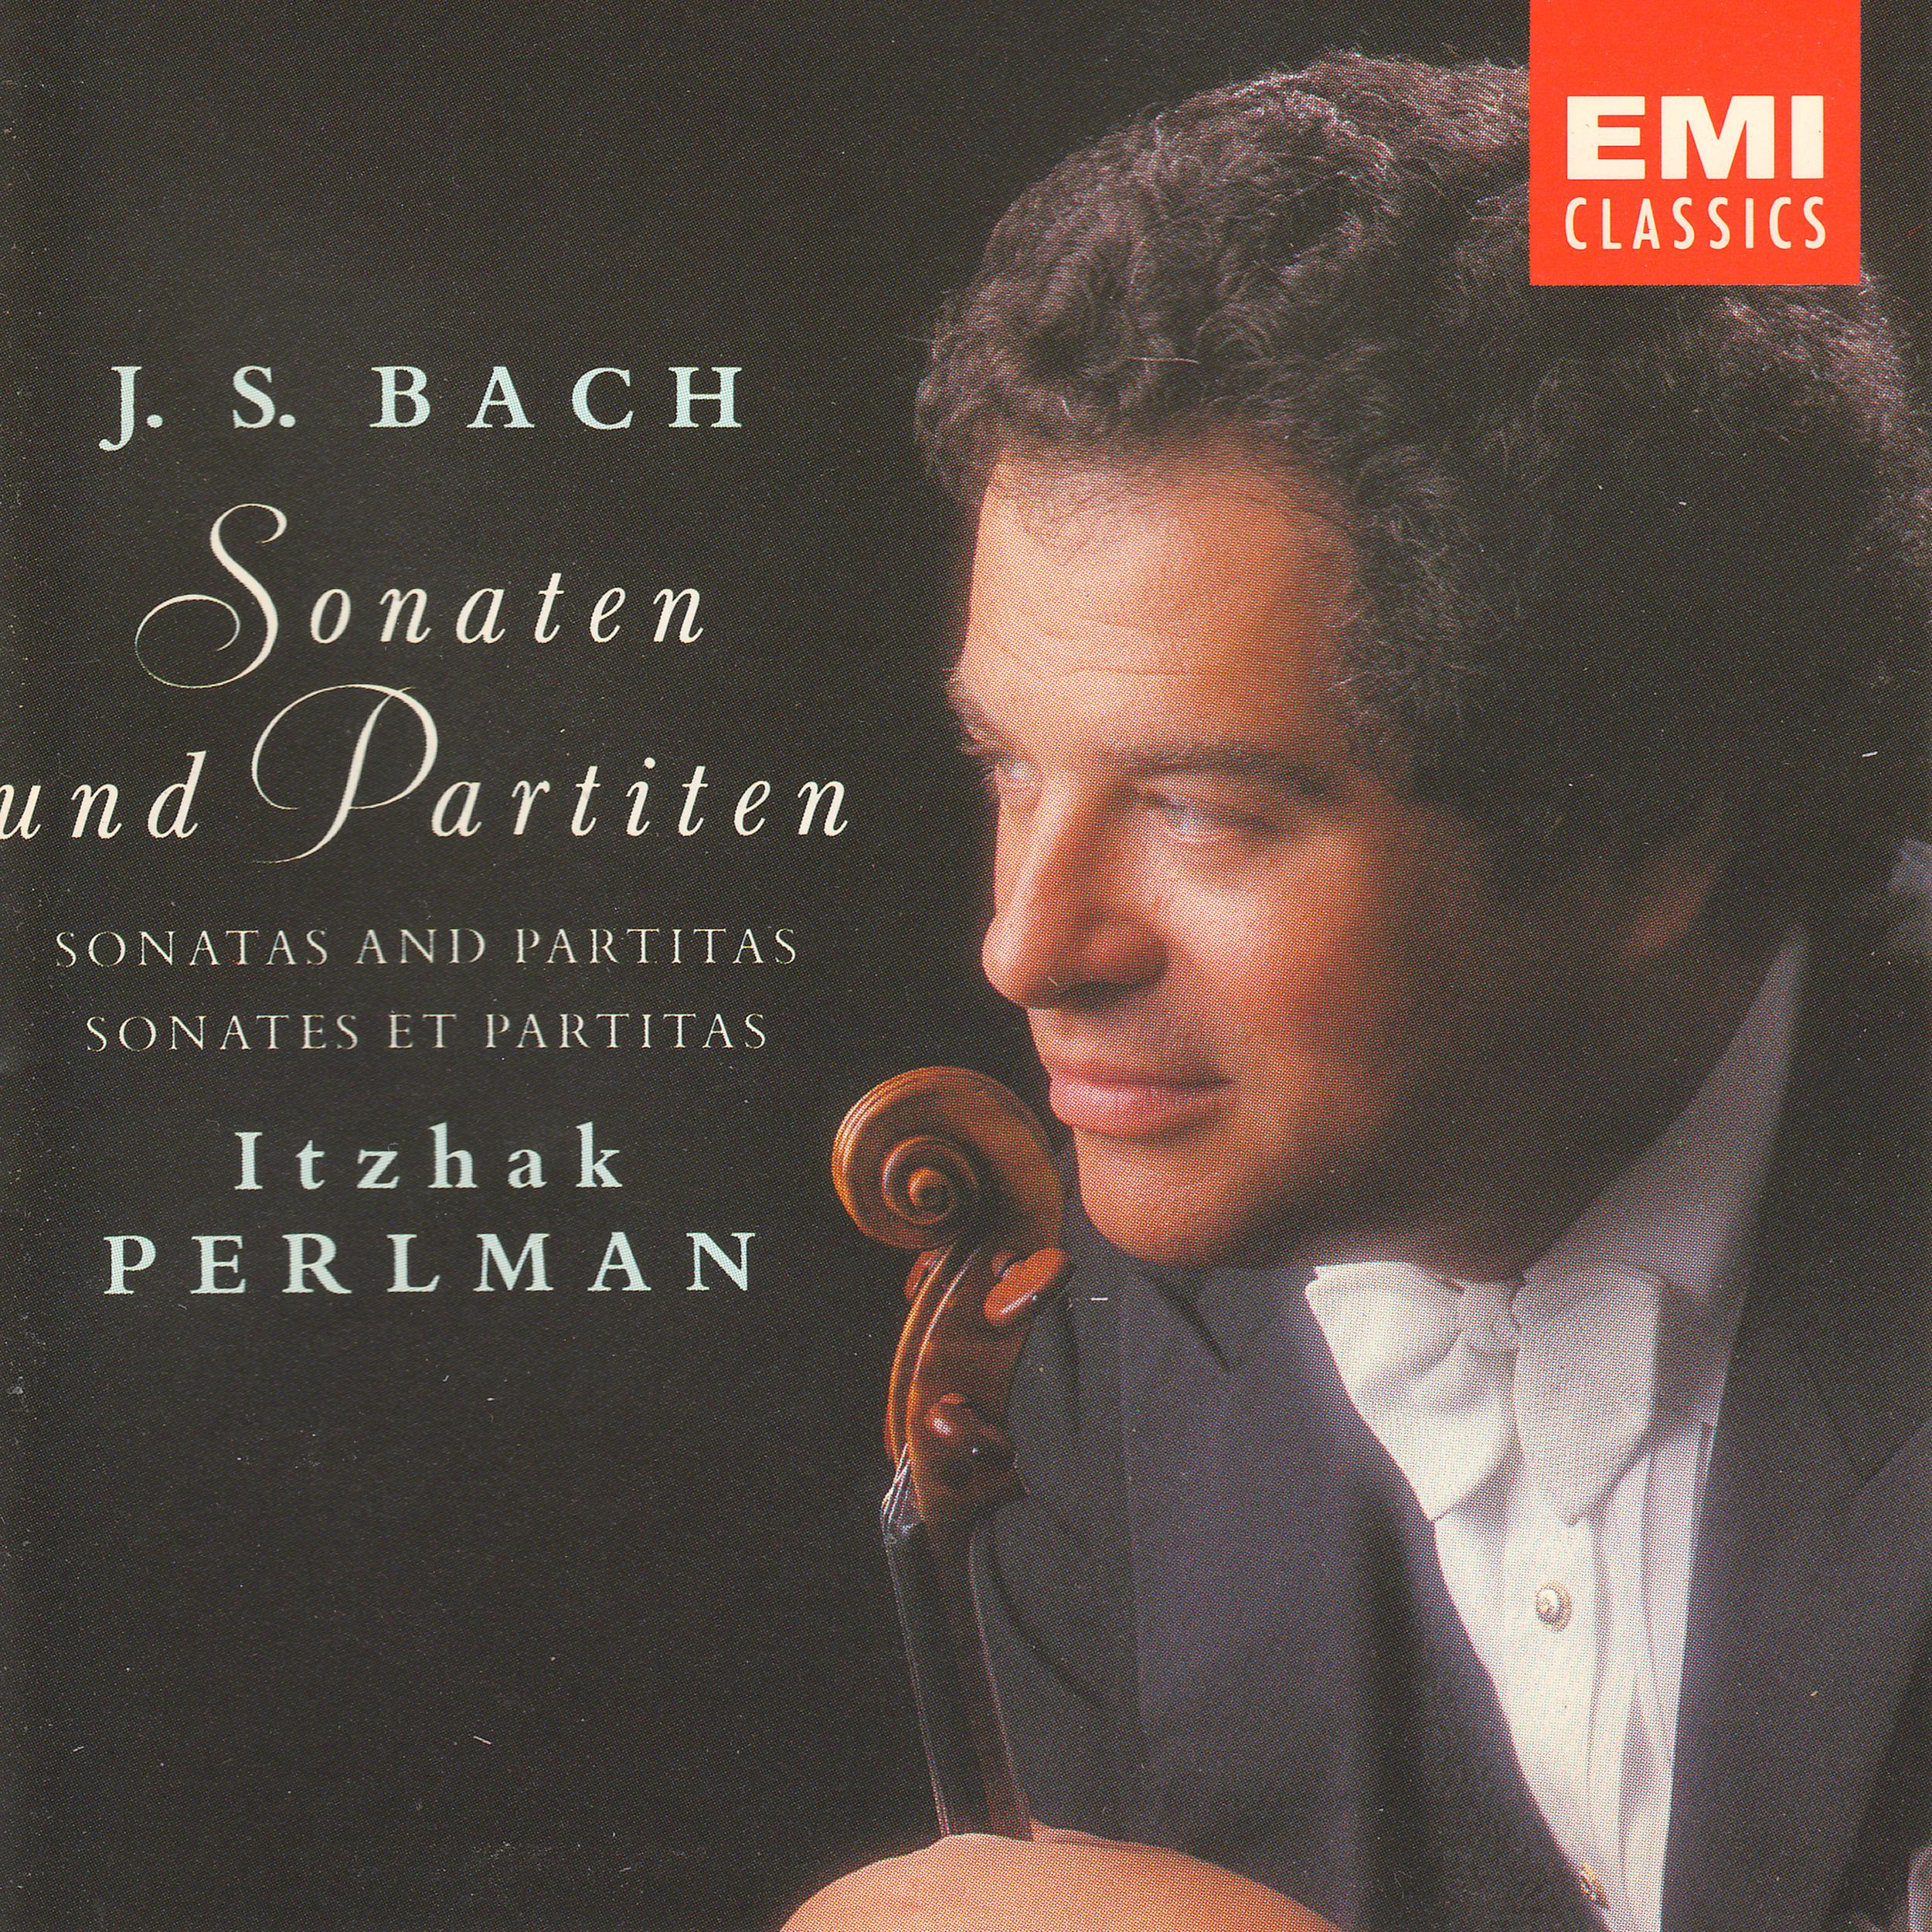 perlman bach sonatas partitas.jpg